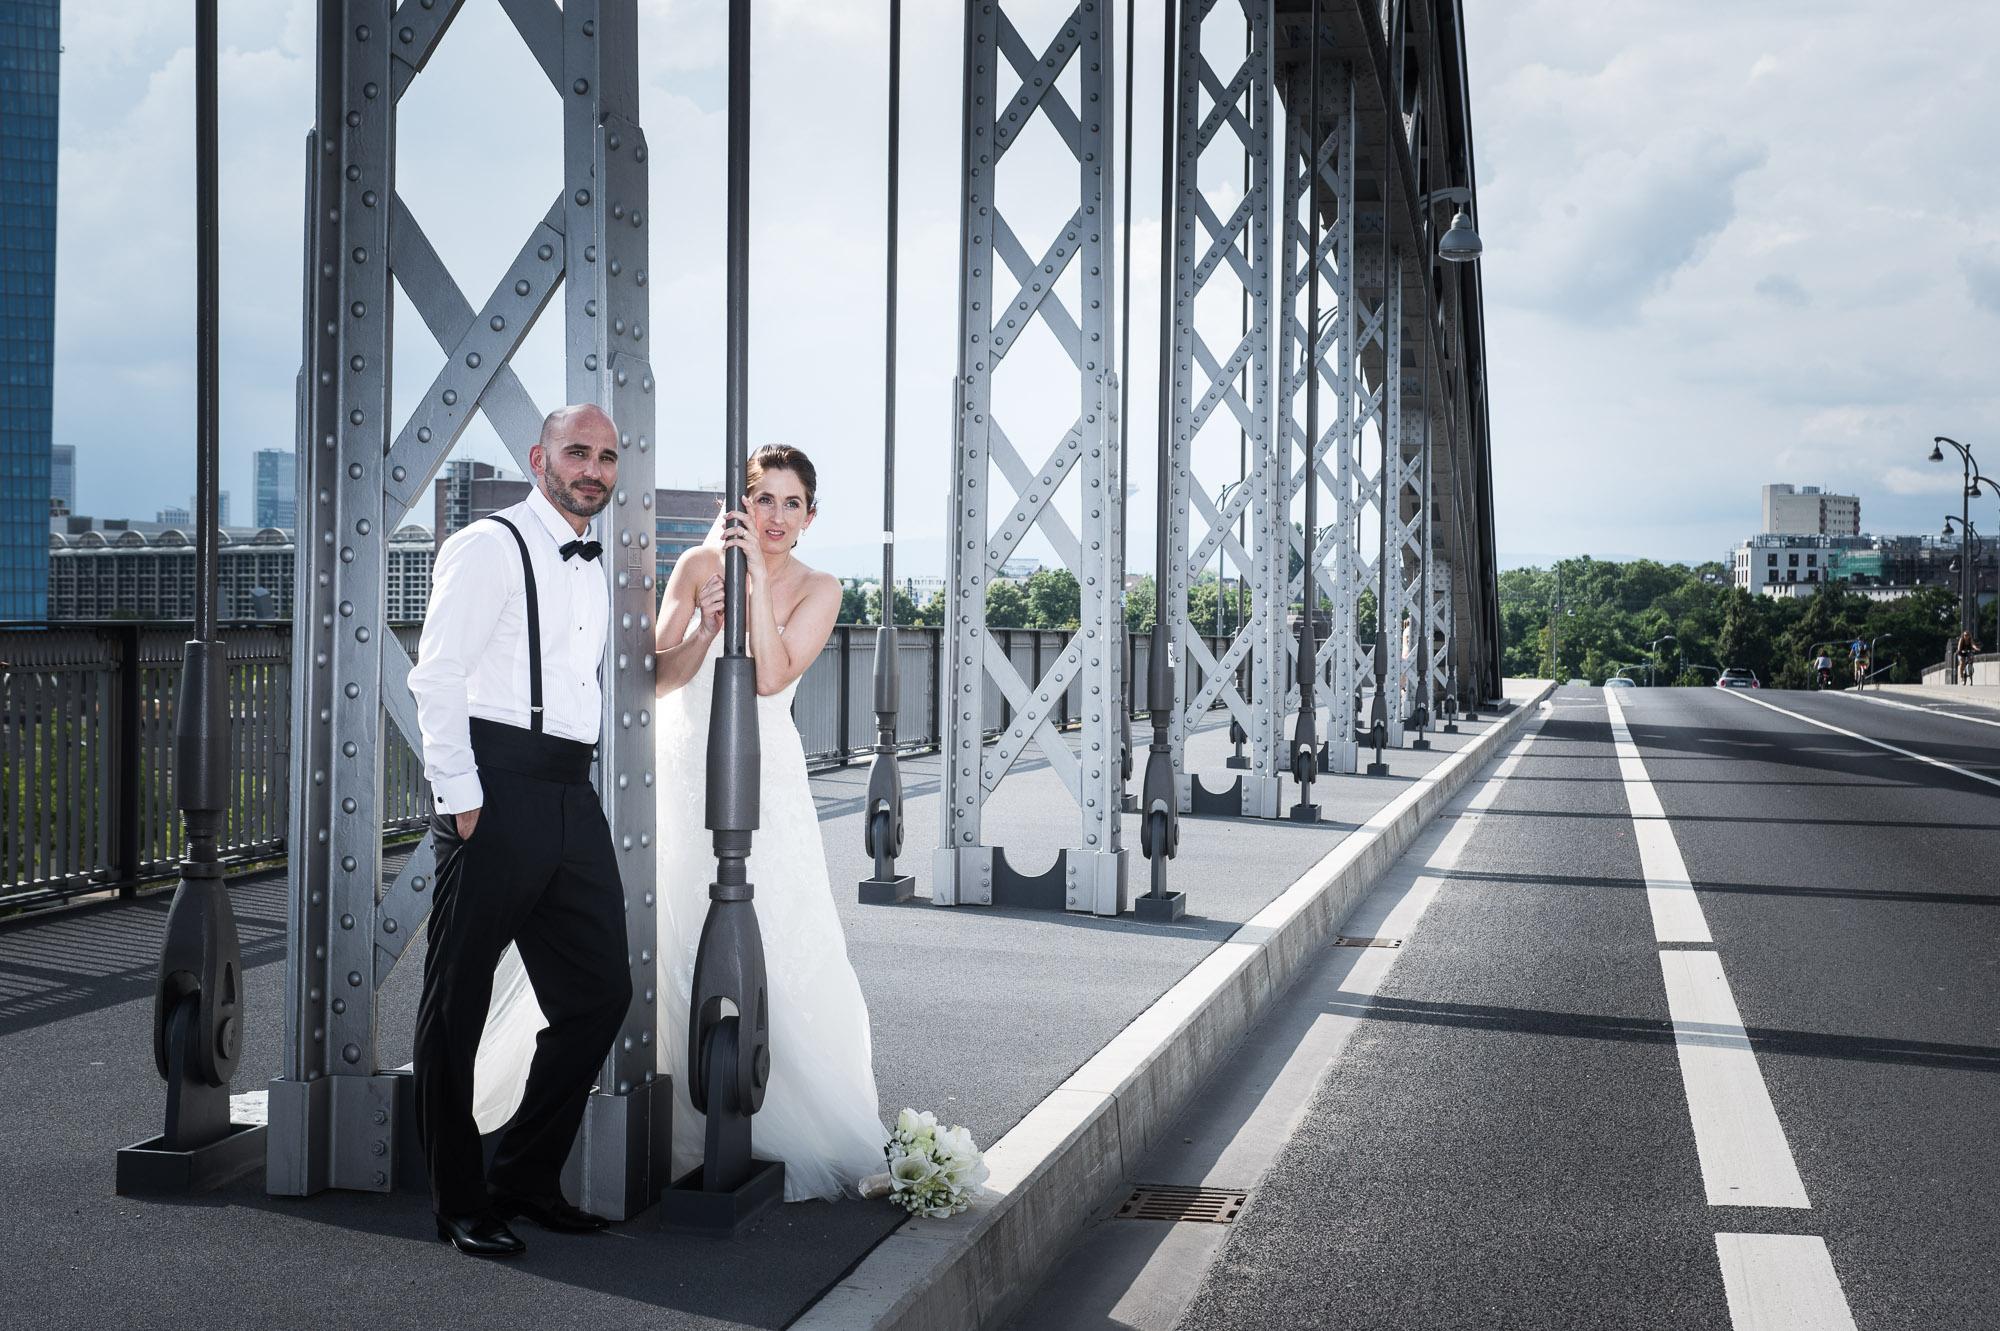 Hochzeit B2000  8430 124 - Strickroth & Fiege Fotografie